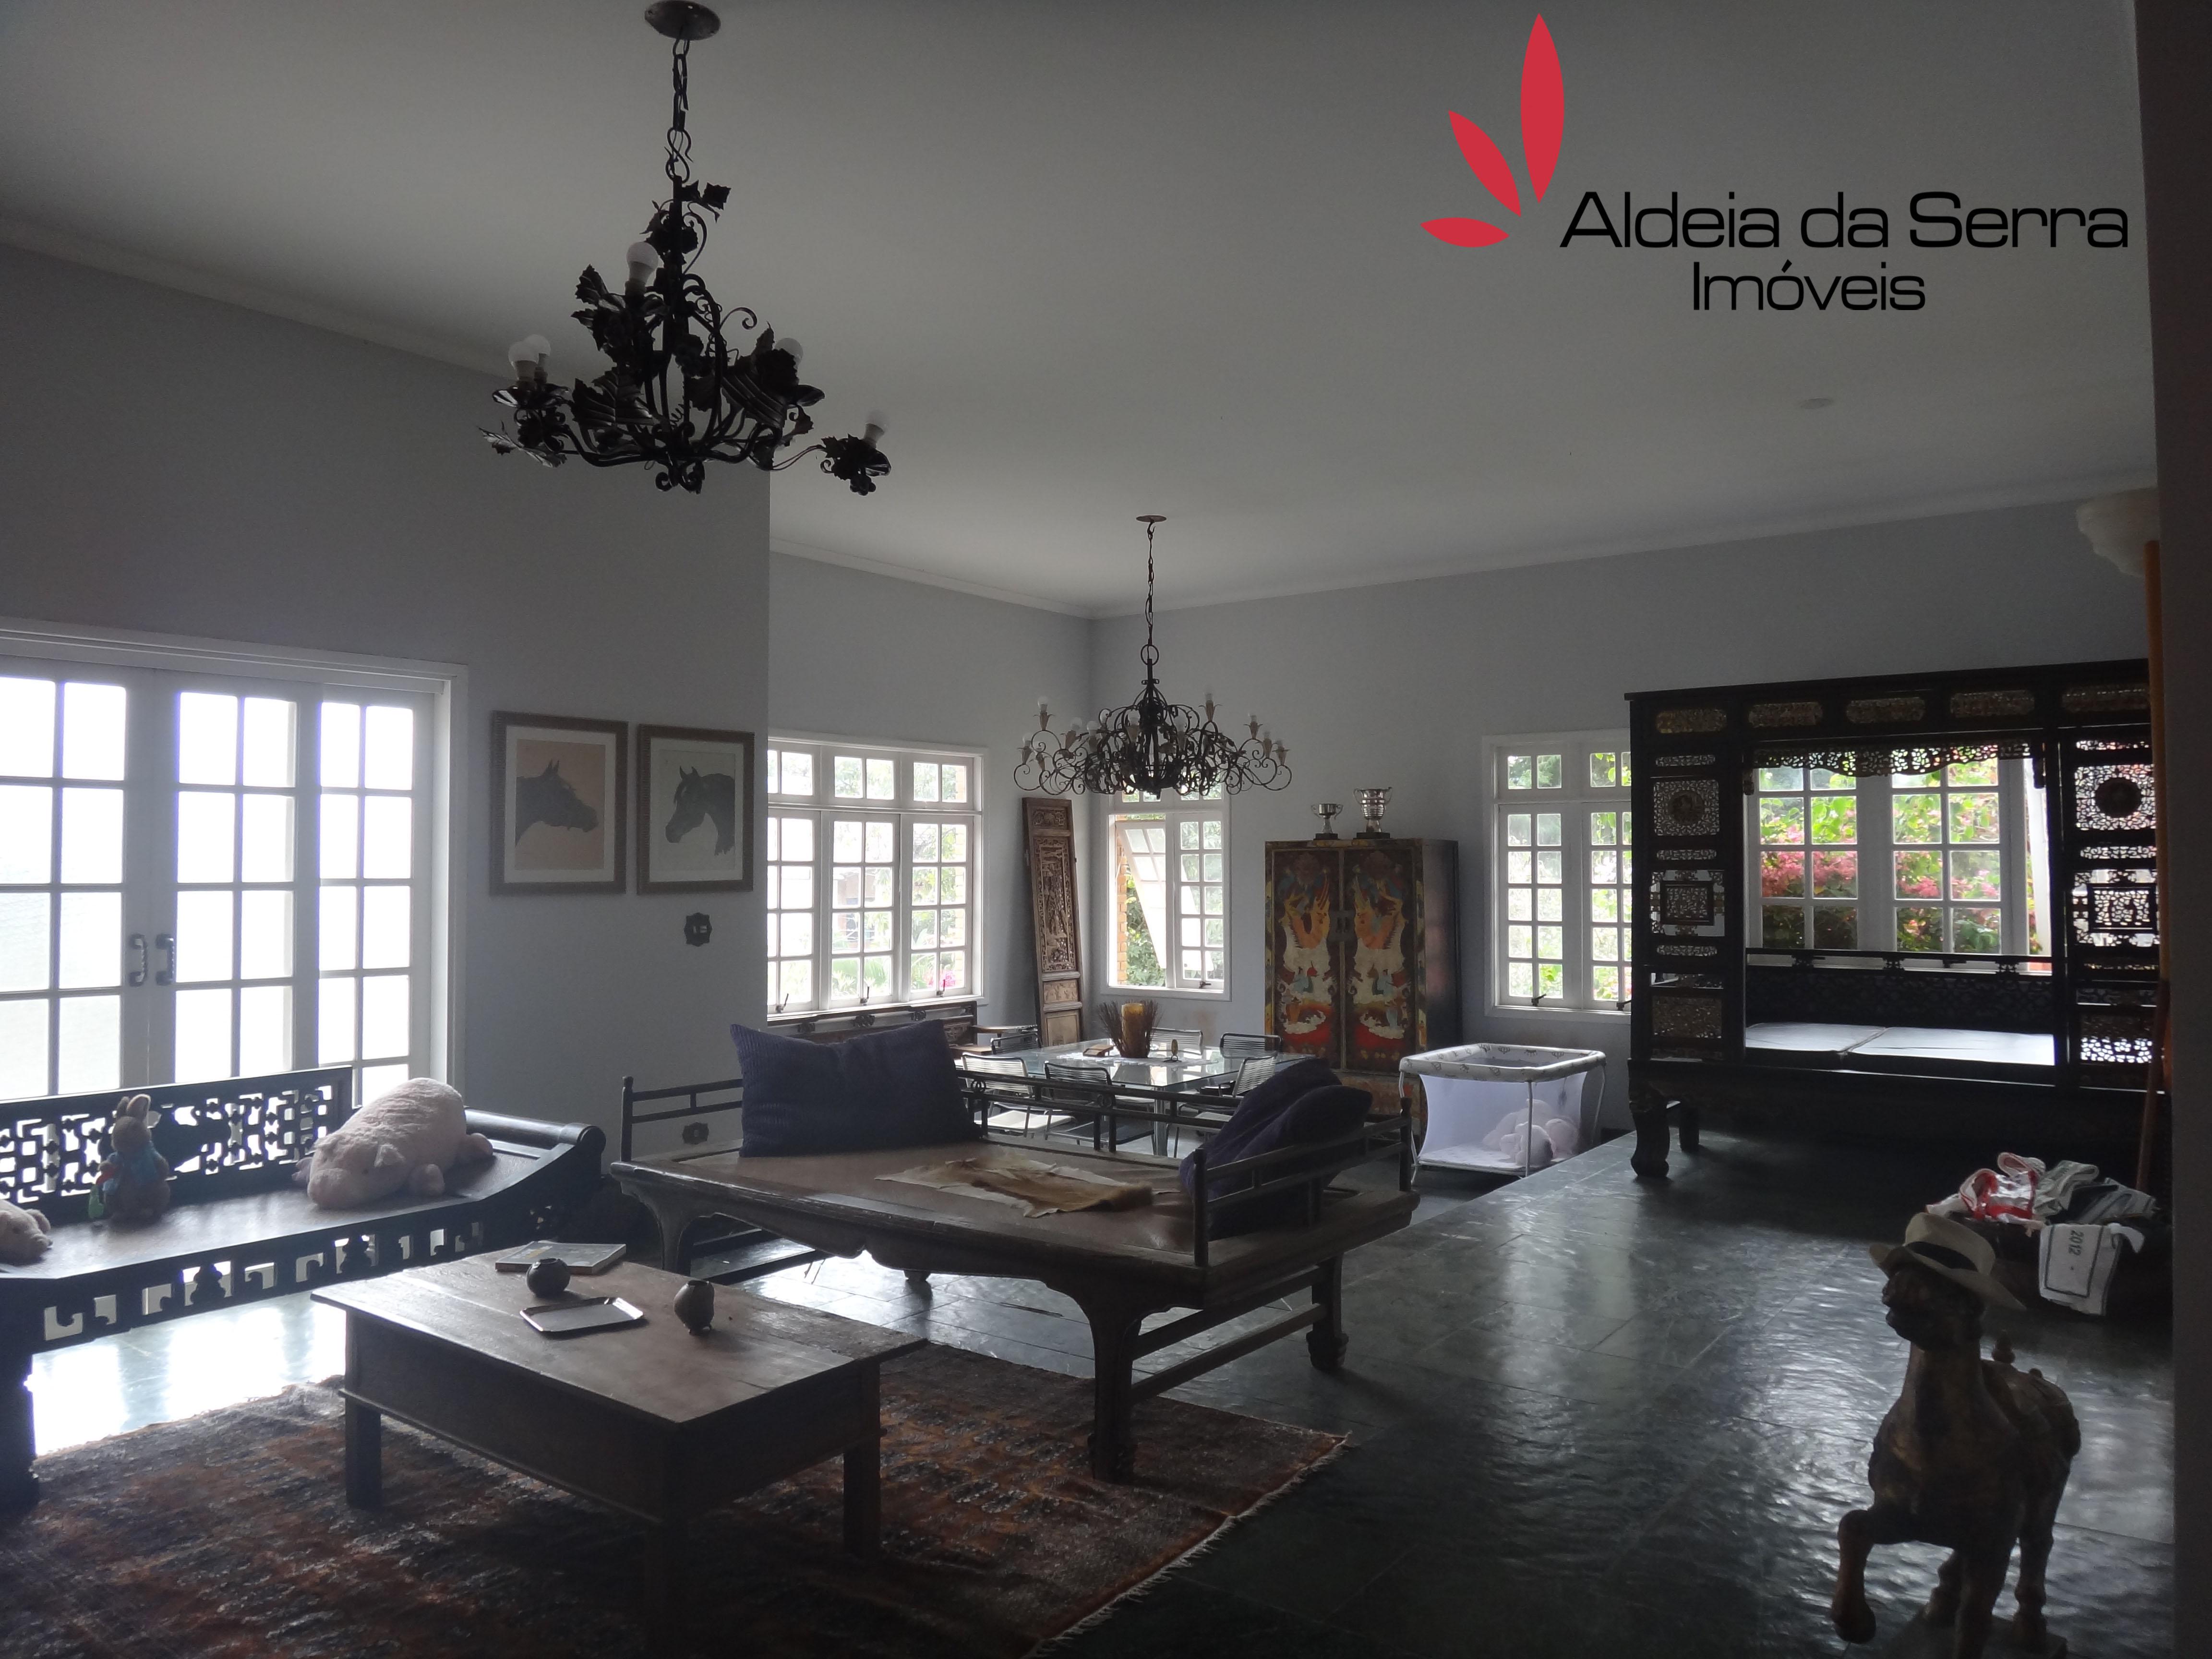 /admin/imoveis/fotos/imagem1(5).jpg Aldeia da Serra Imoveis